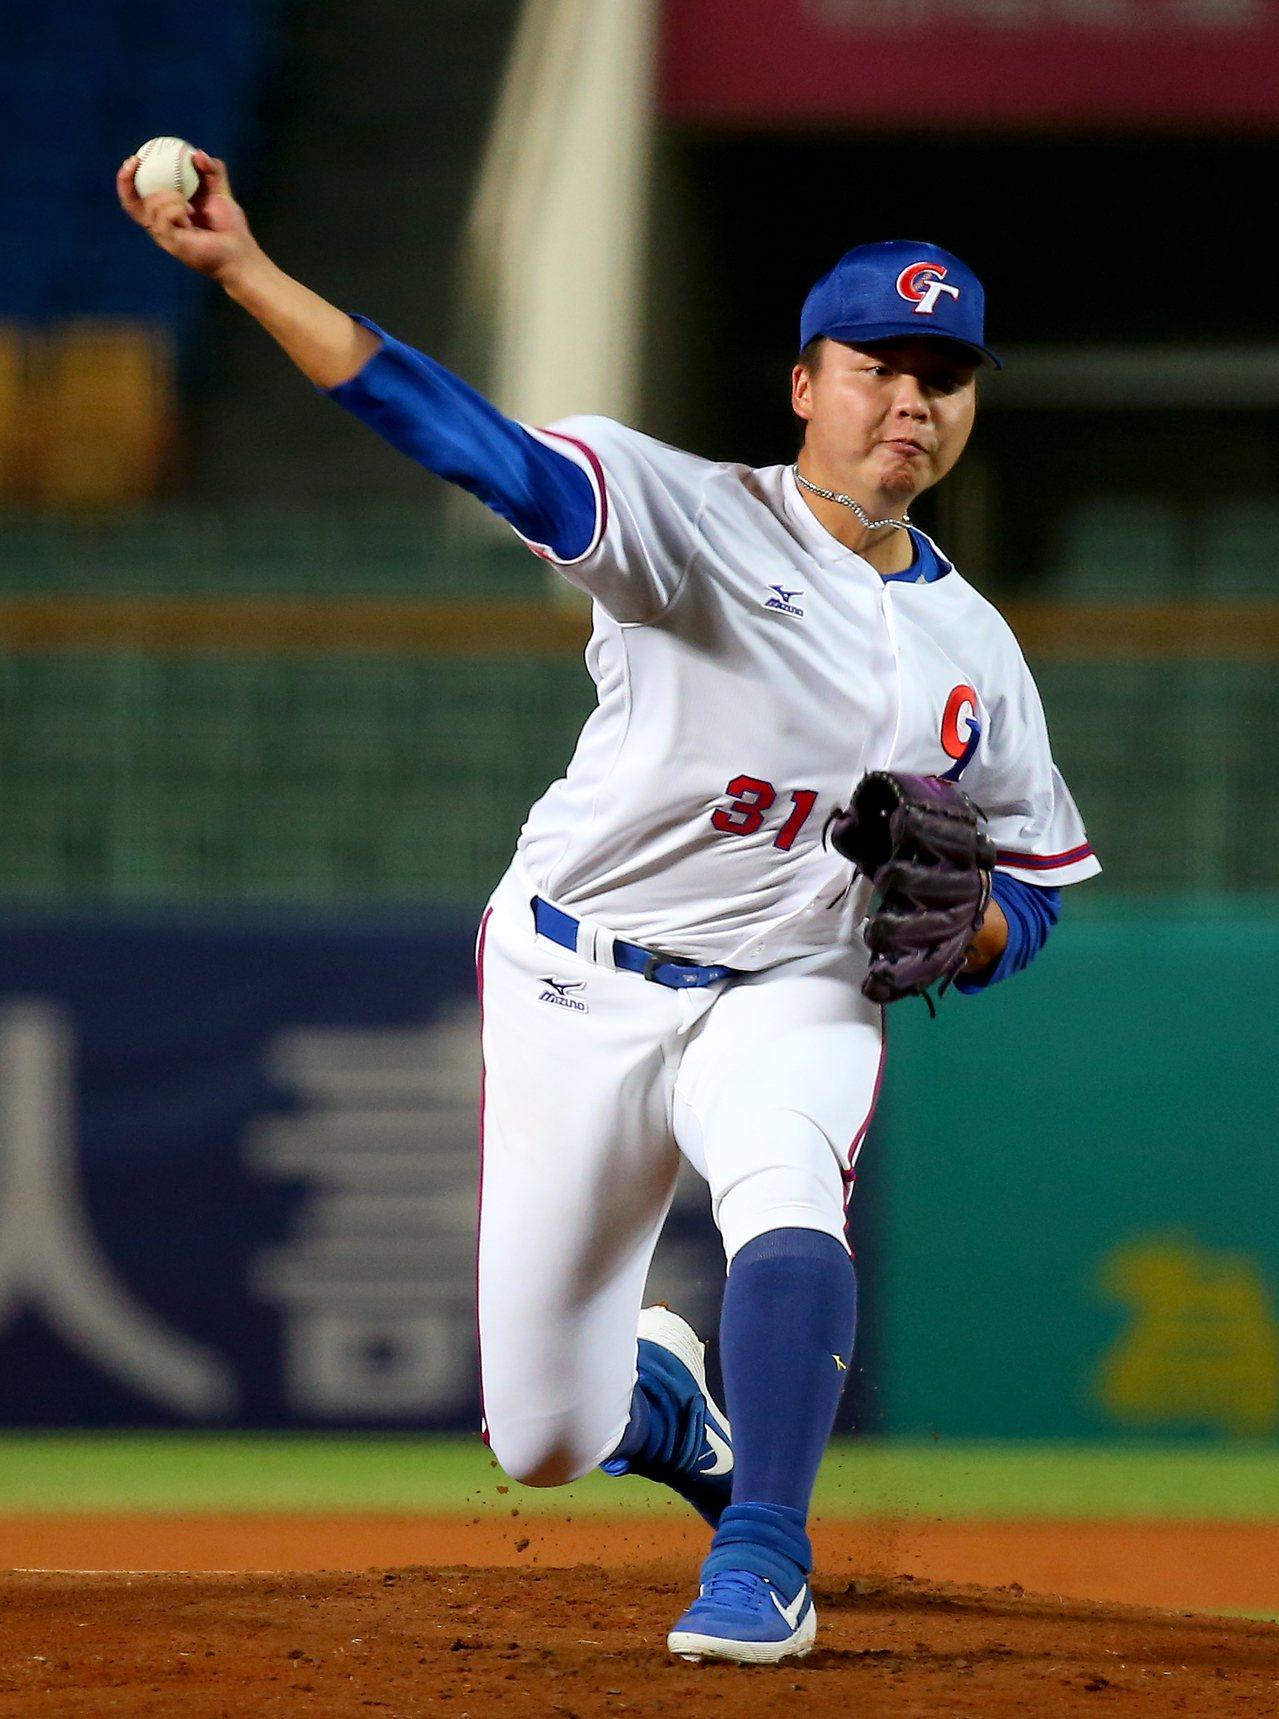 亞洲棒球錦標賽,中華隊先發投手鄧愷威,對日本隊投三局失一分。記者余承翰/攝影